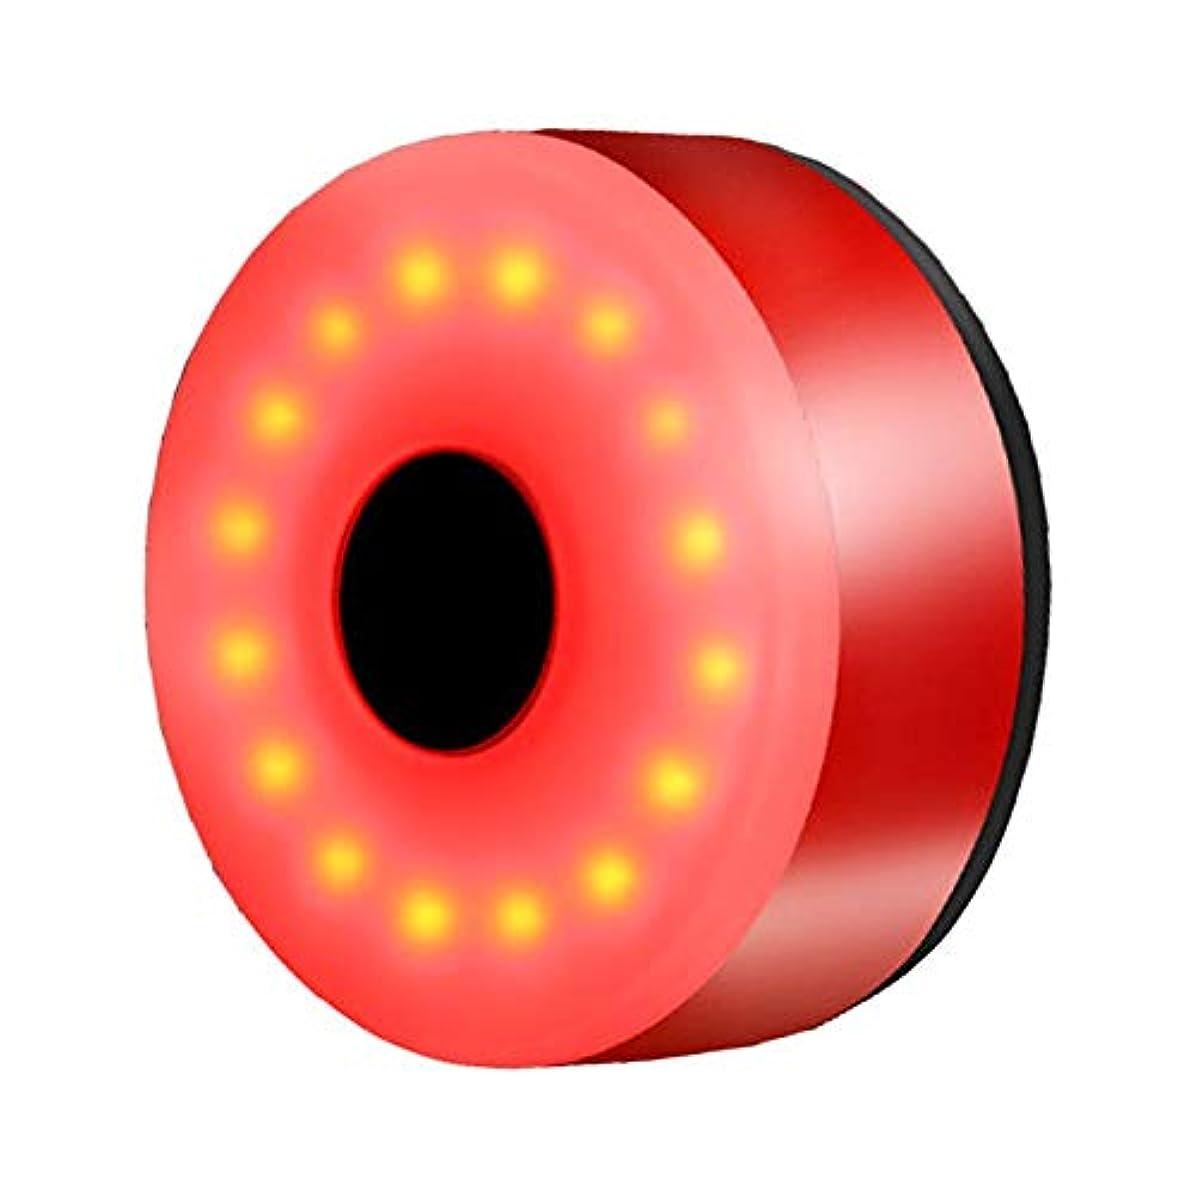 強制的余暇特権的Seawang 自転車LEDライト テールライト USB充電式 自転車 テールランプ 防水 夜歩き 夜警告 安全夜灯 バイクライト 簡単取り付け